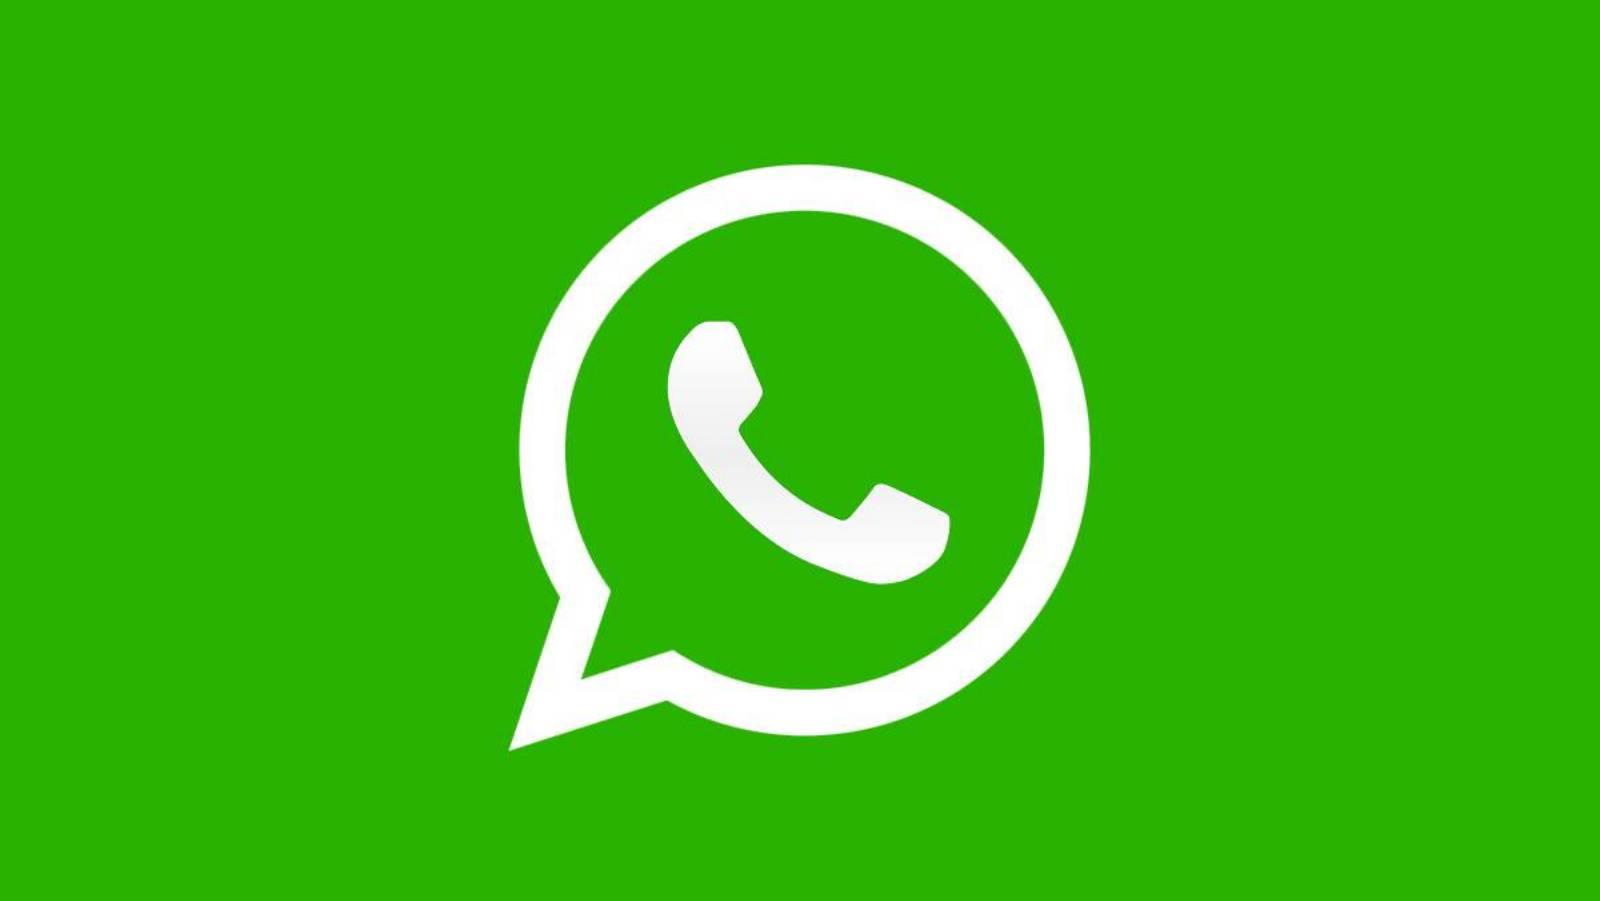 WhatsApp poze sticker